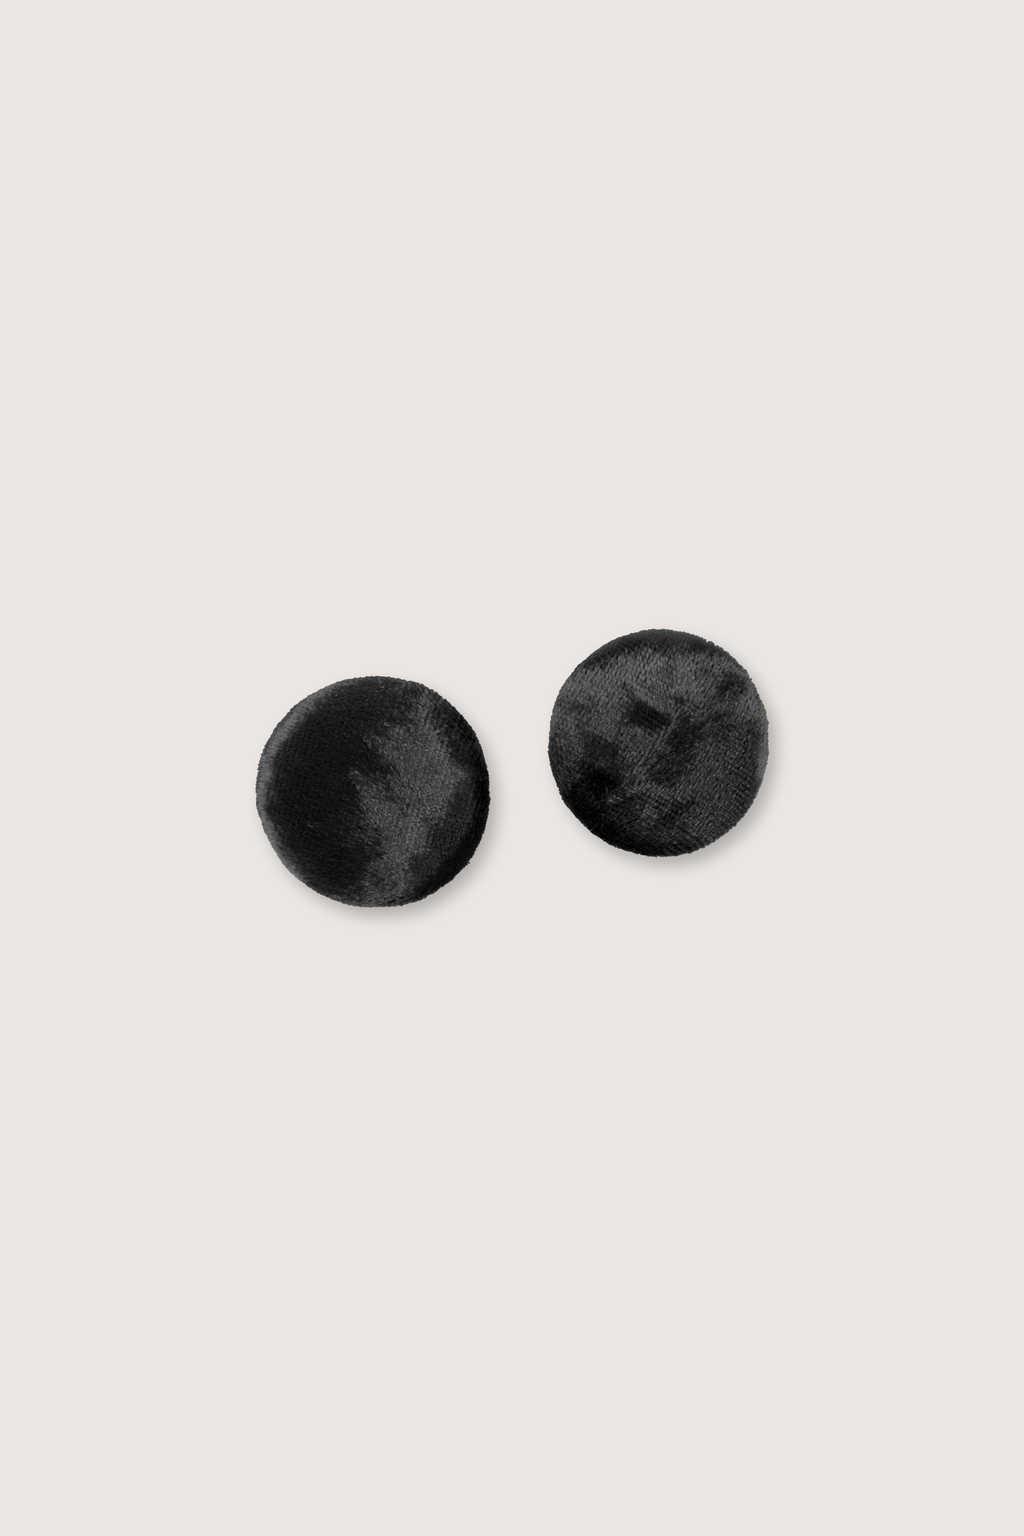 Earring H253 Black 2